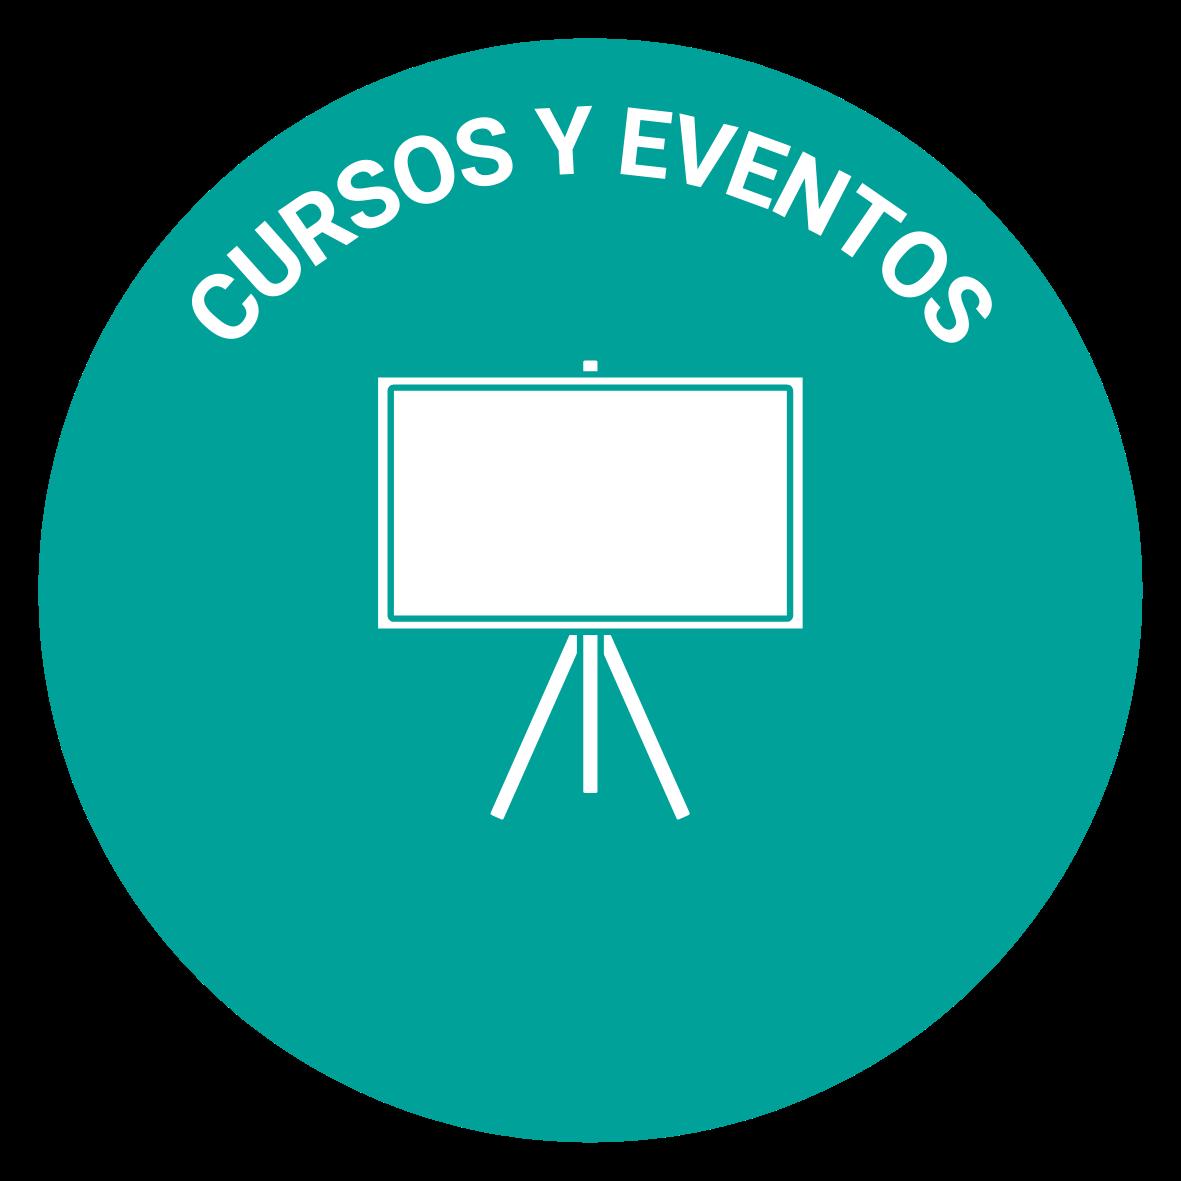 CURSOS Y EVENTOS POSITIVO